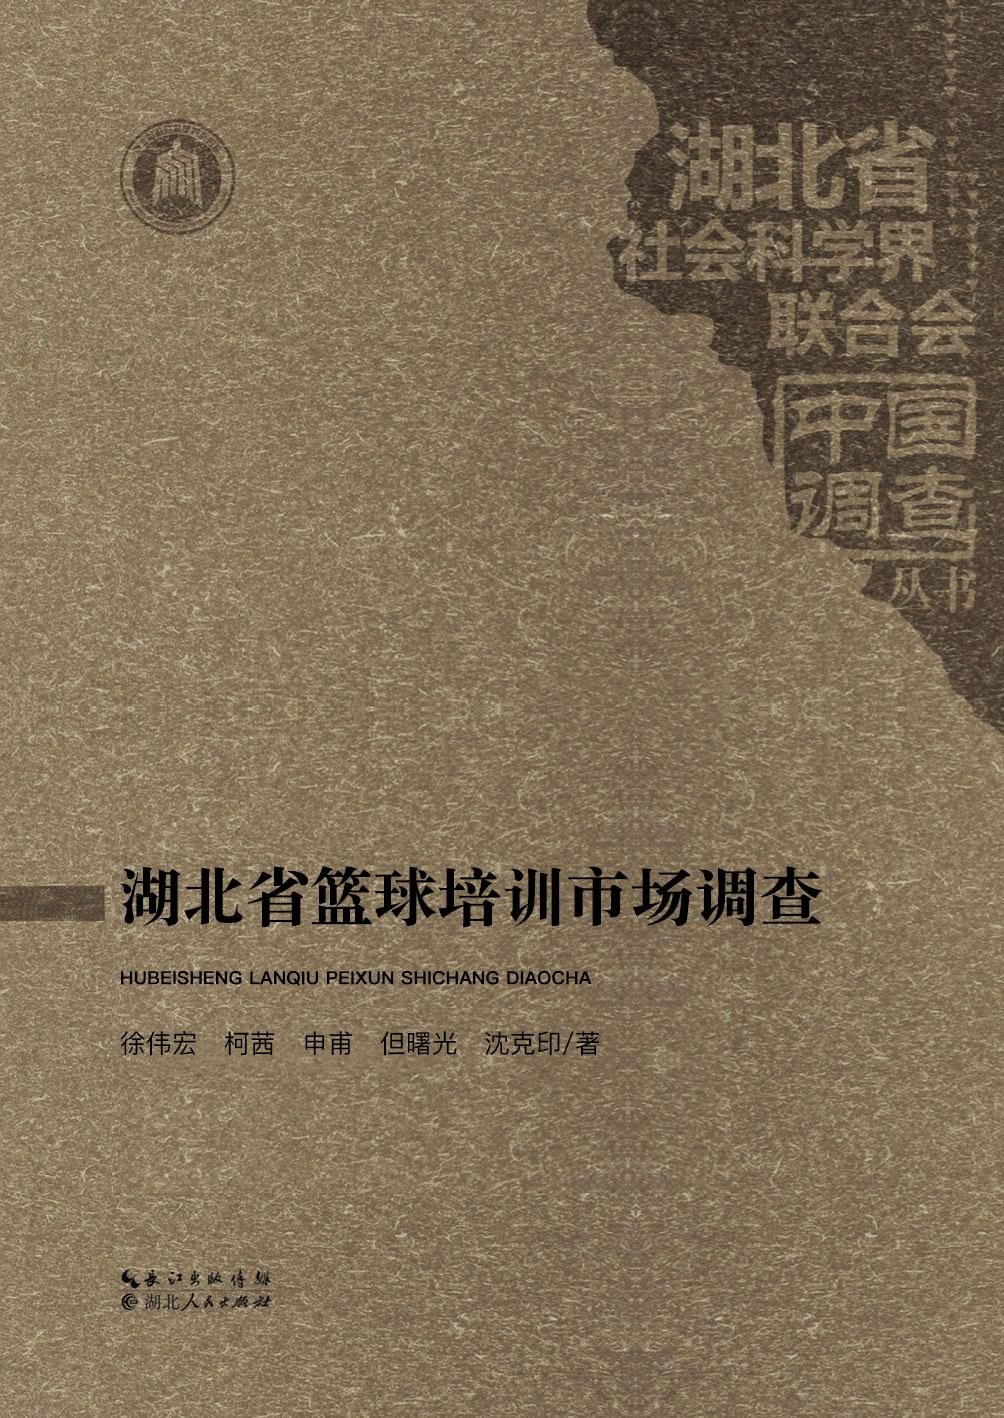 湖北省篮球培训市场调查